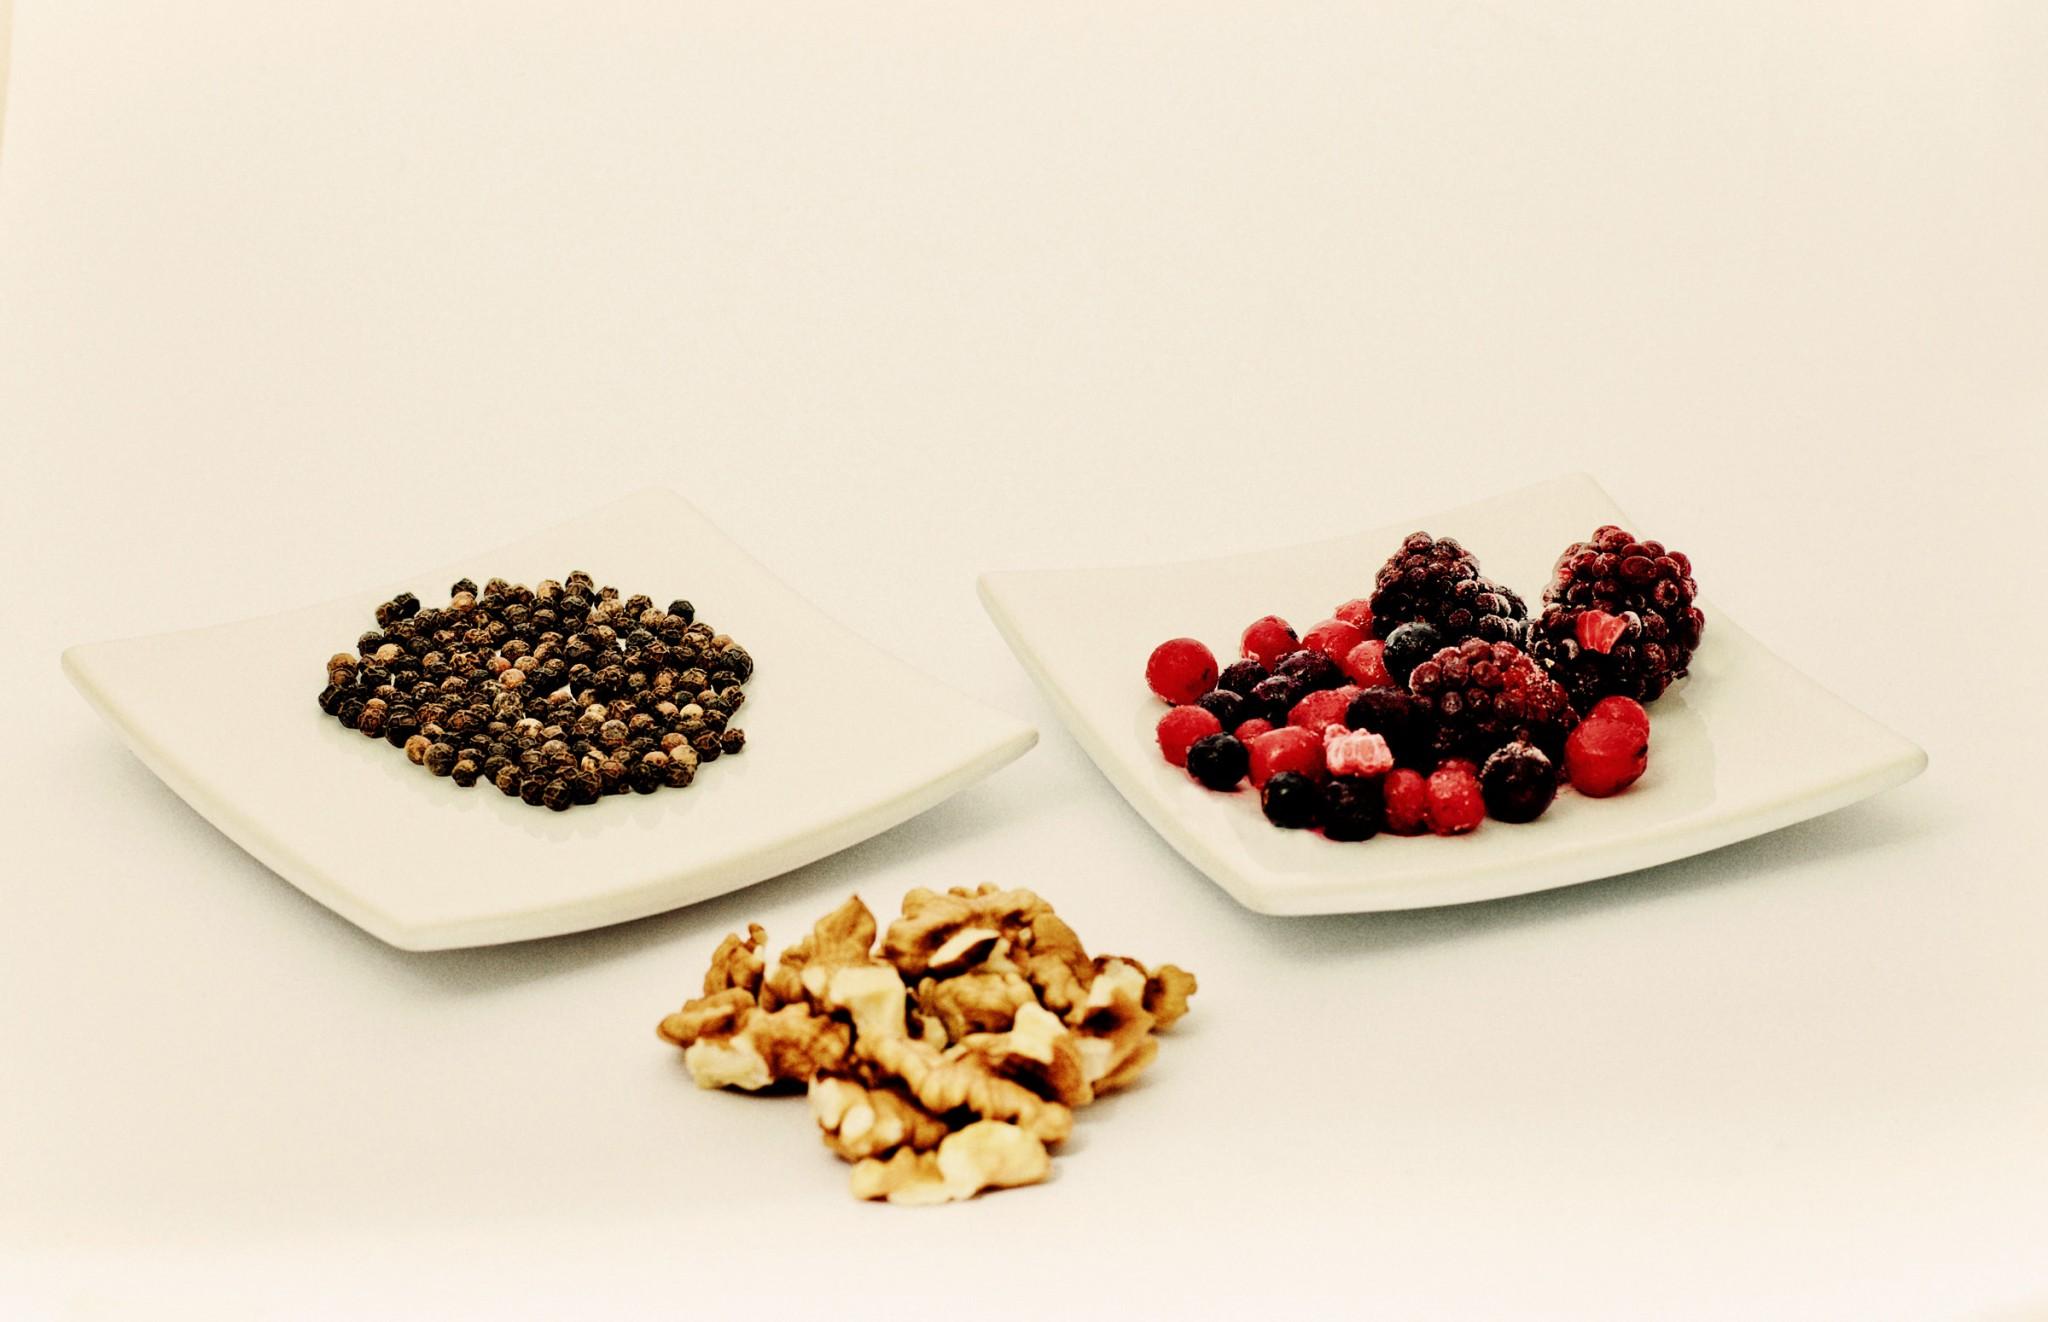 Geschmacksrichtung Beeren, Pfeffer und Walnuss